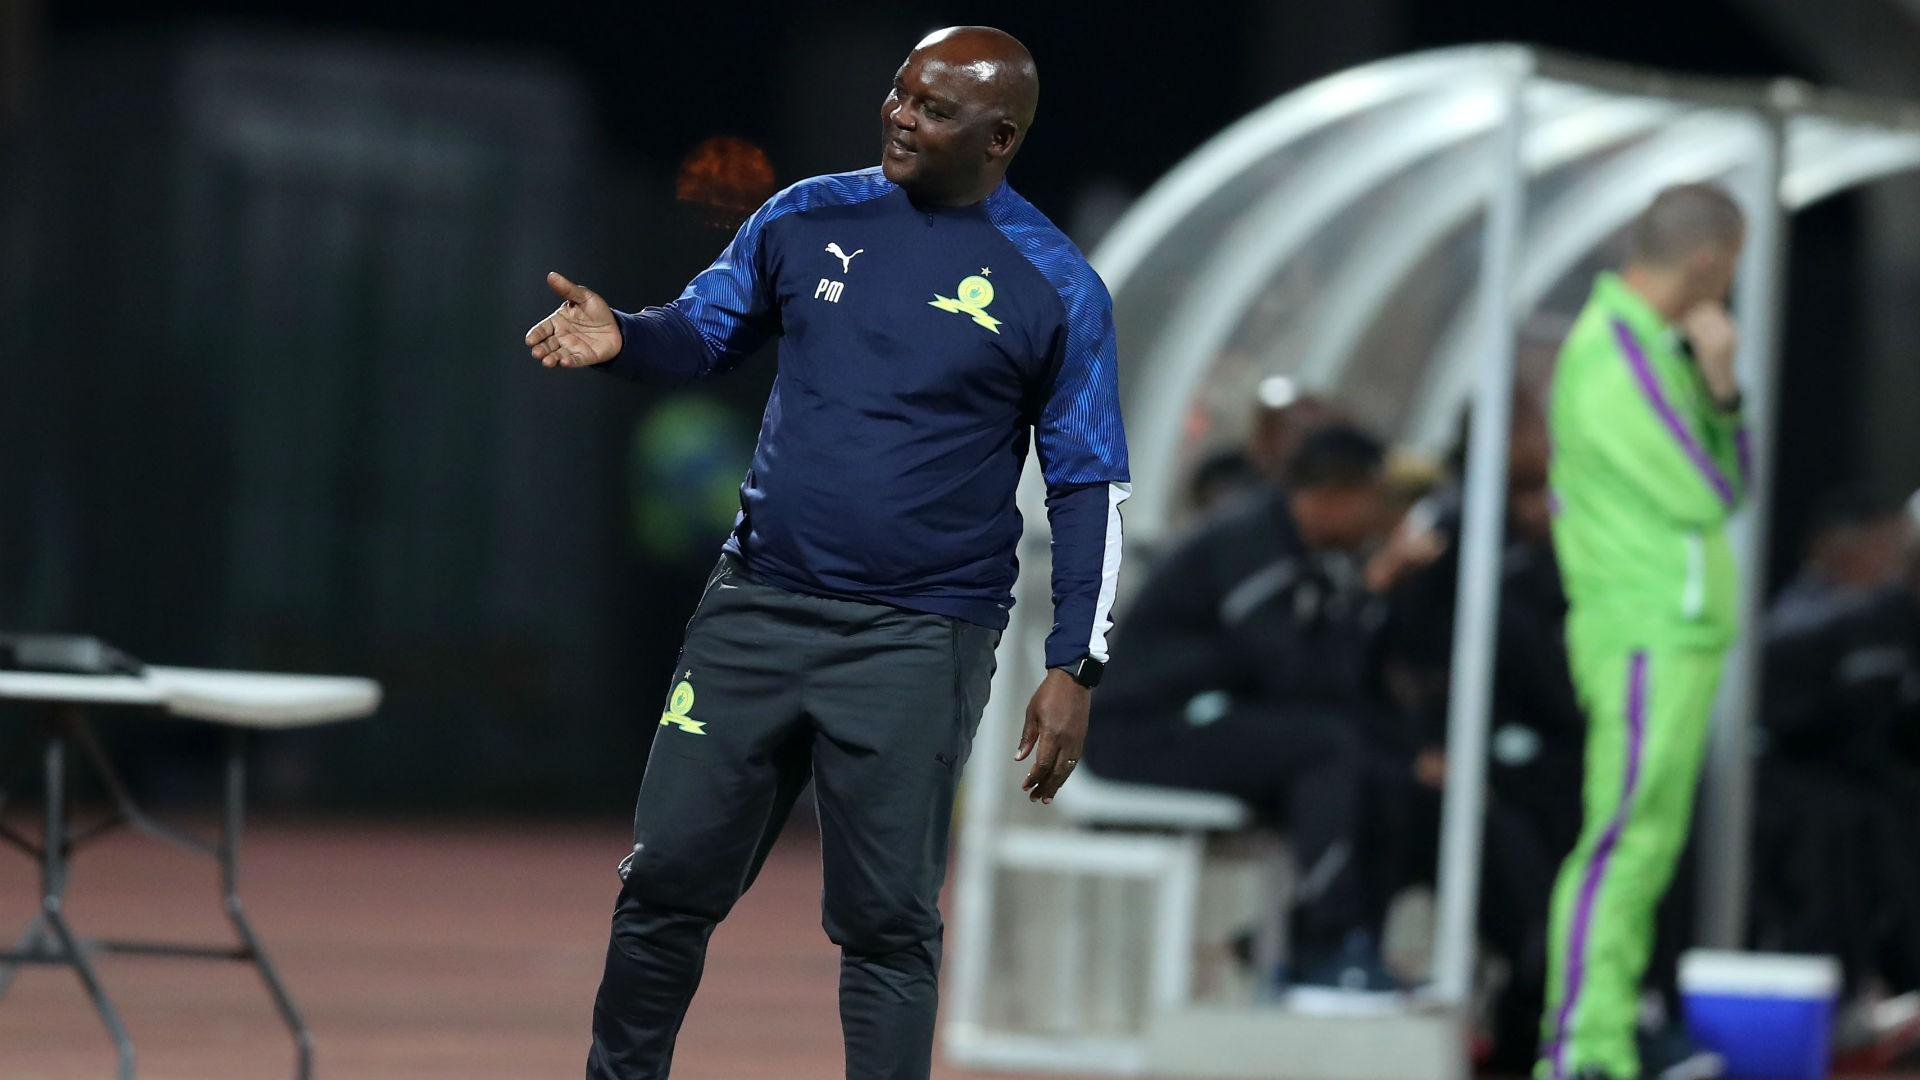 Mamelodi Sundowns midfielder Mahlambi's miss was very funny – Mosimane